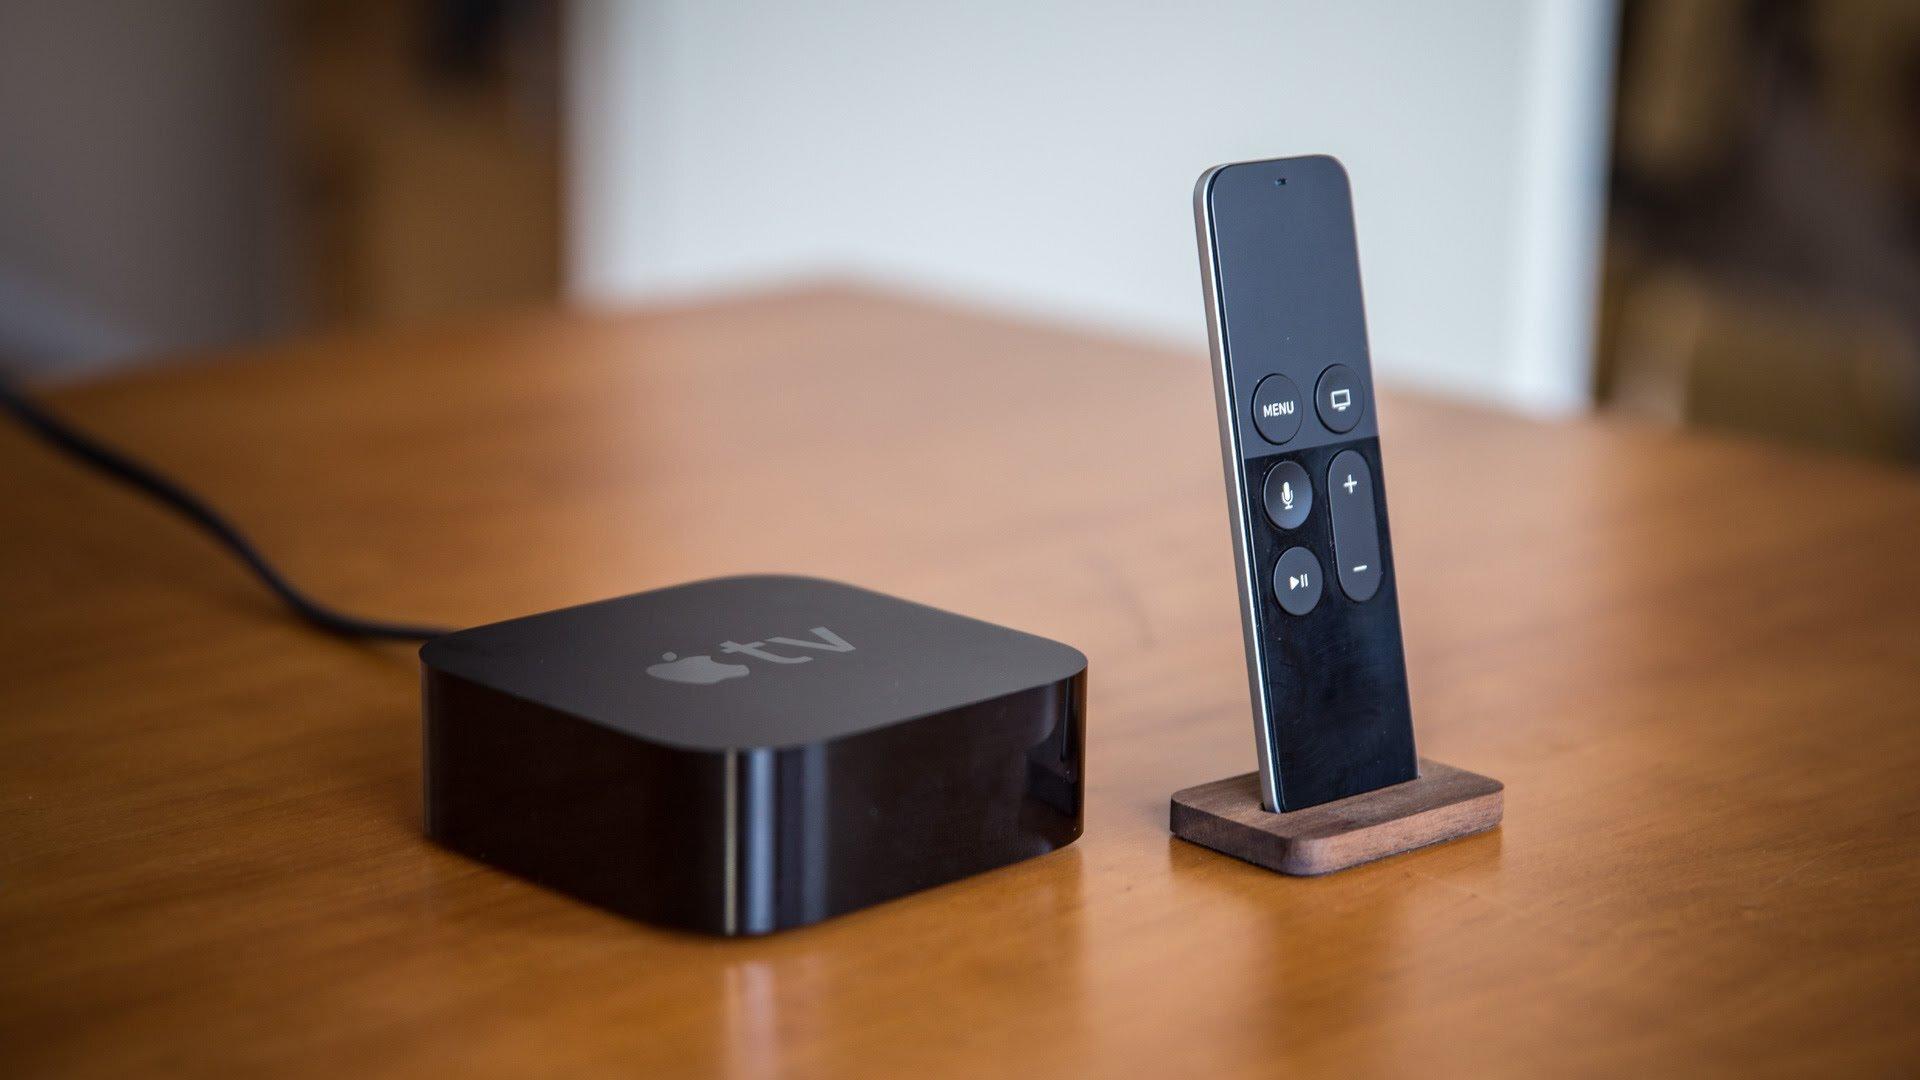 Apple TV giống như một Set-top box giúp bạn truy cập Internet